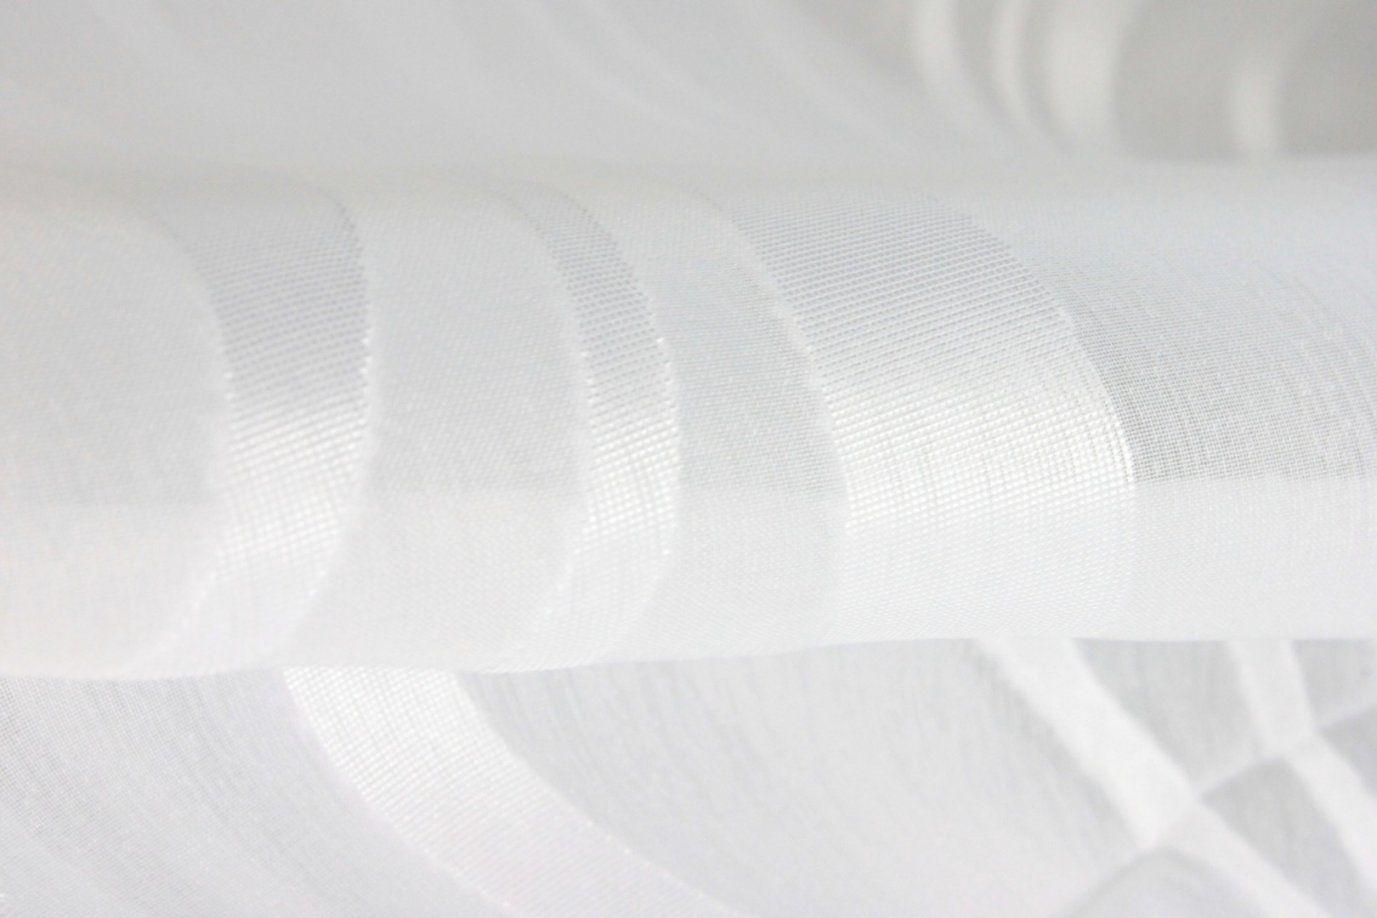 Gardinen Nach Maß Kräuselband Scherli Voile Weiß Dream  Gardinen von Gardine Weiß Transparent Kräuselband Bild